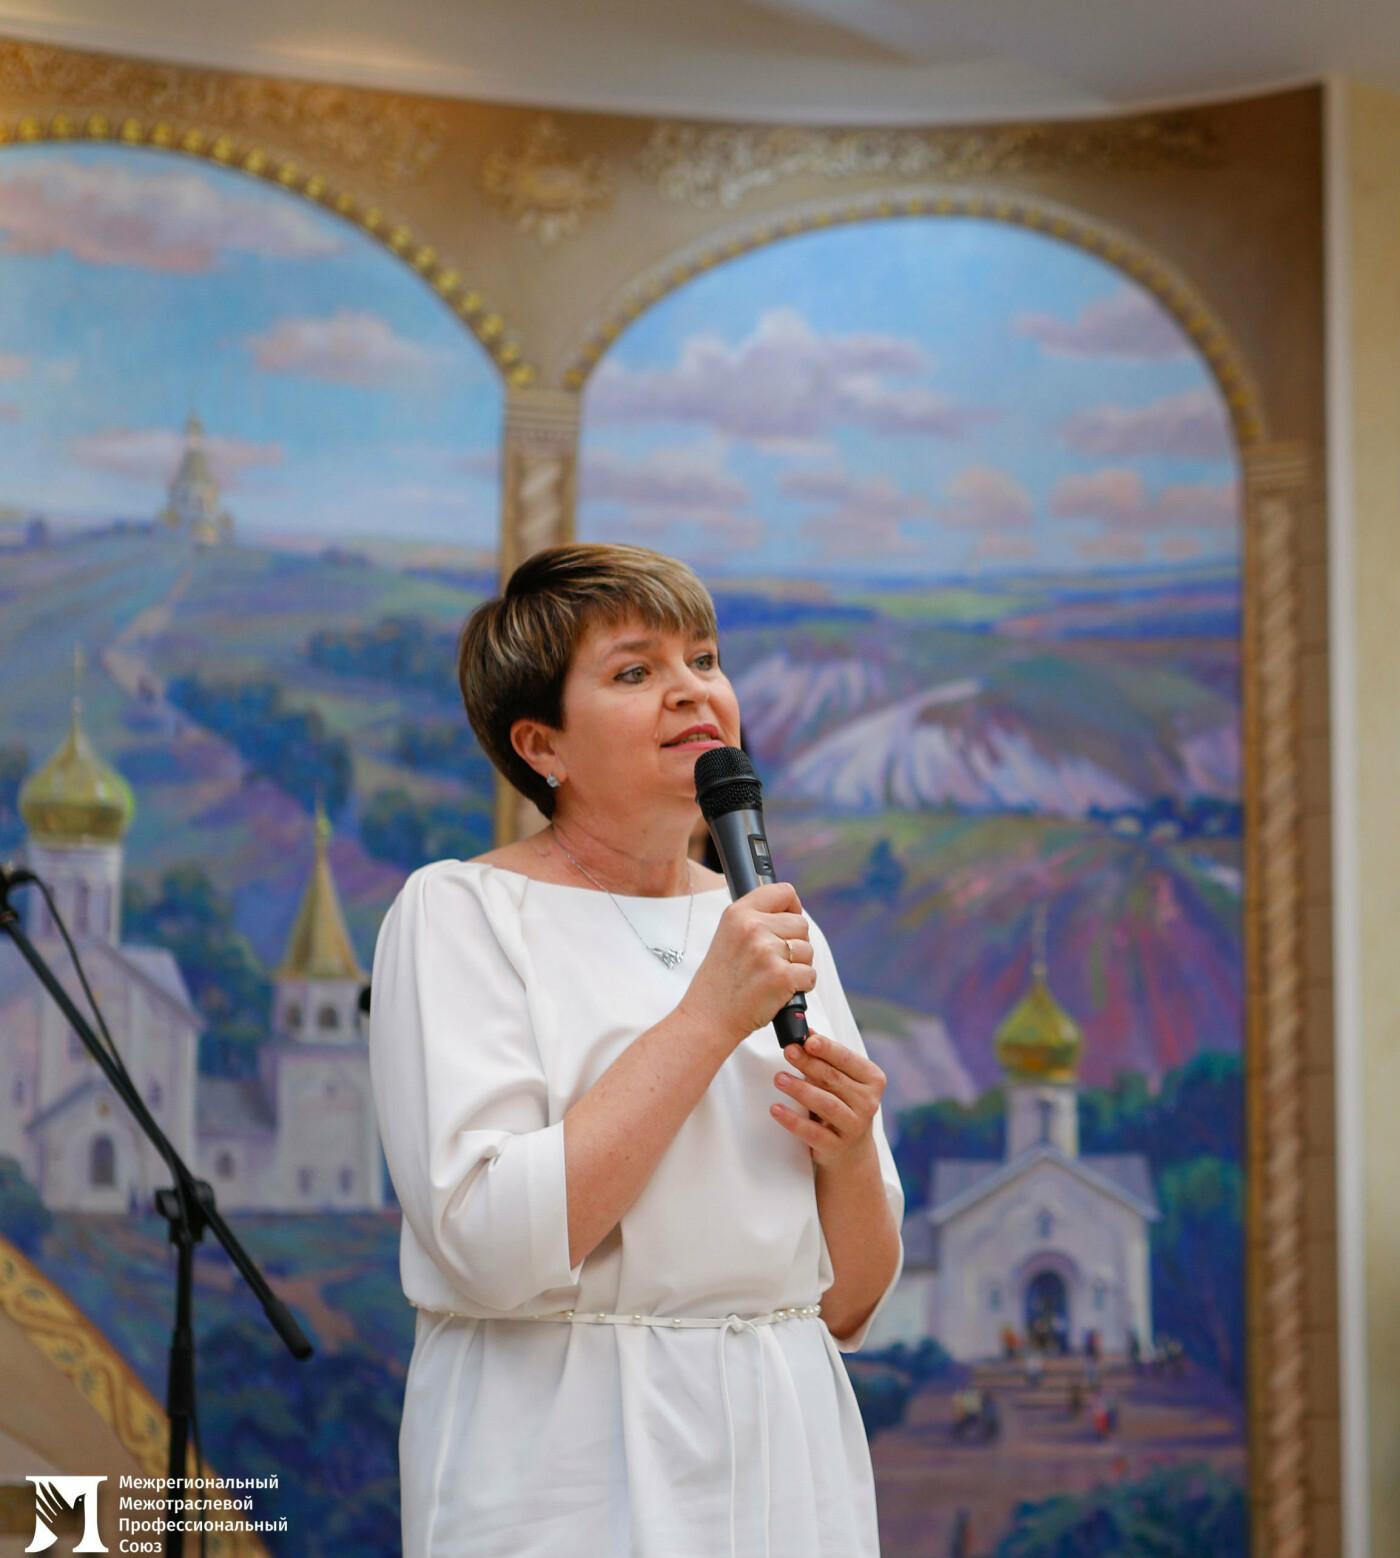 В Белгородской митрополии прошёл семейный праздник для детей из социальных центров, фото-8